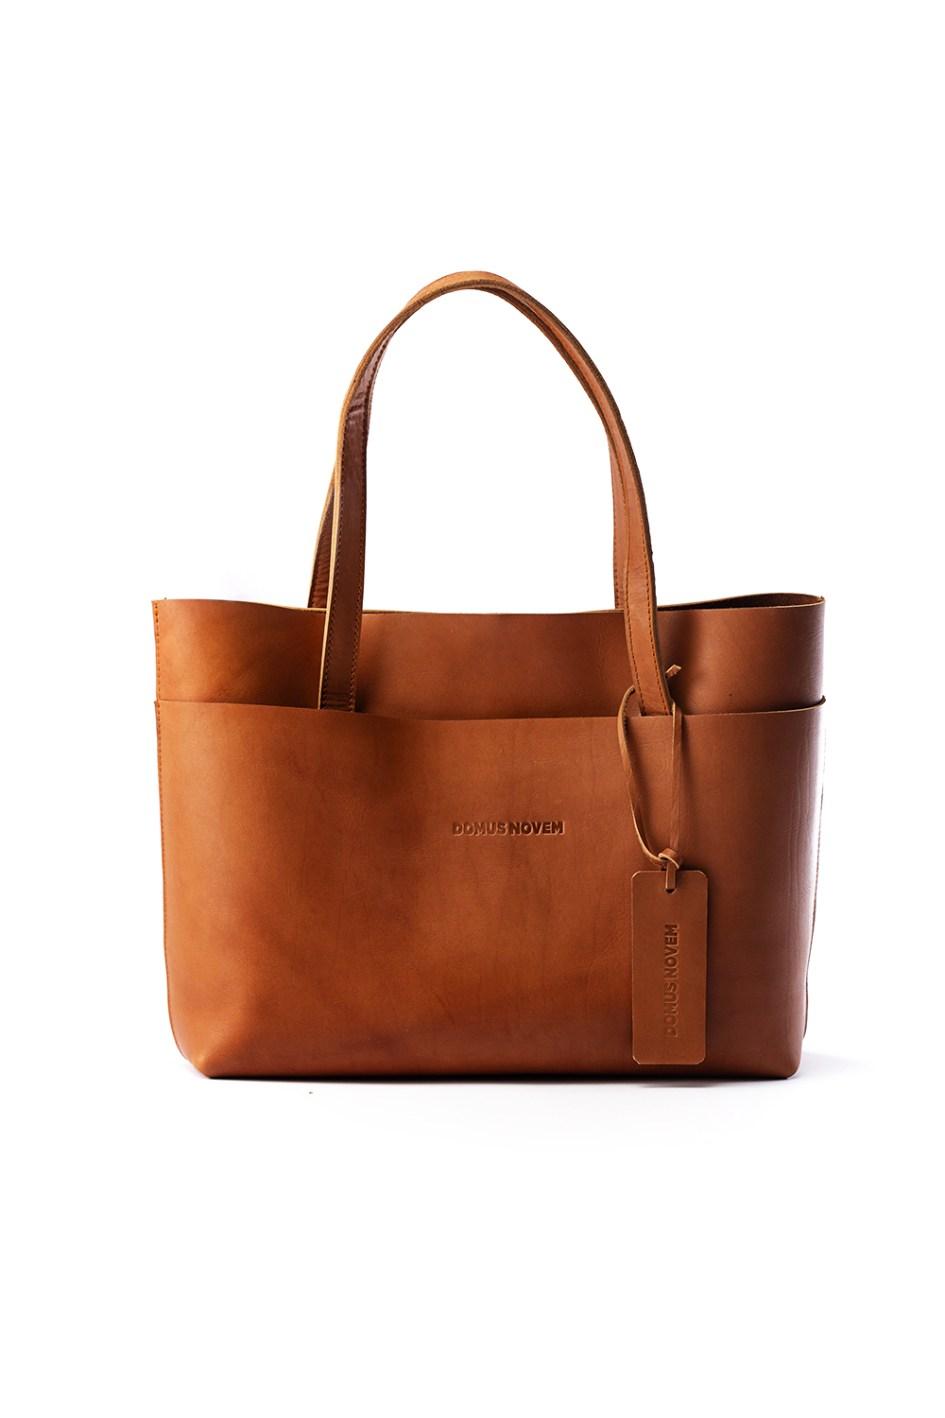 Arwen leather tote bag